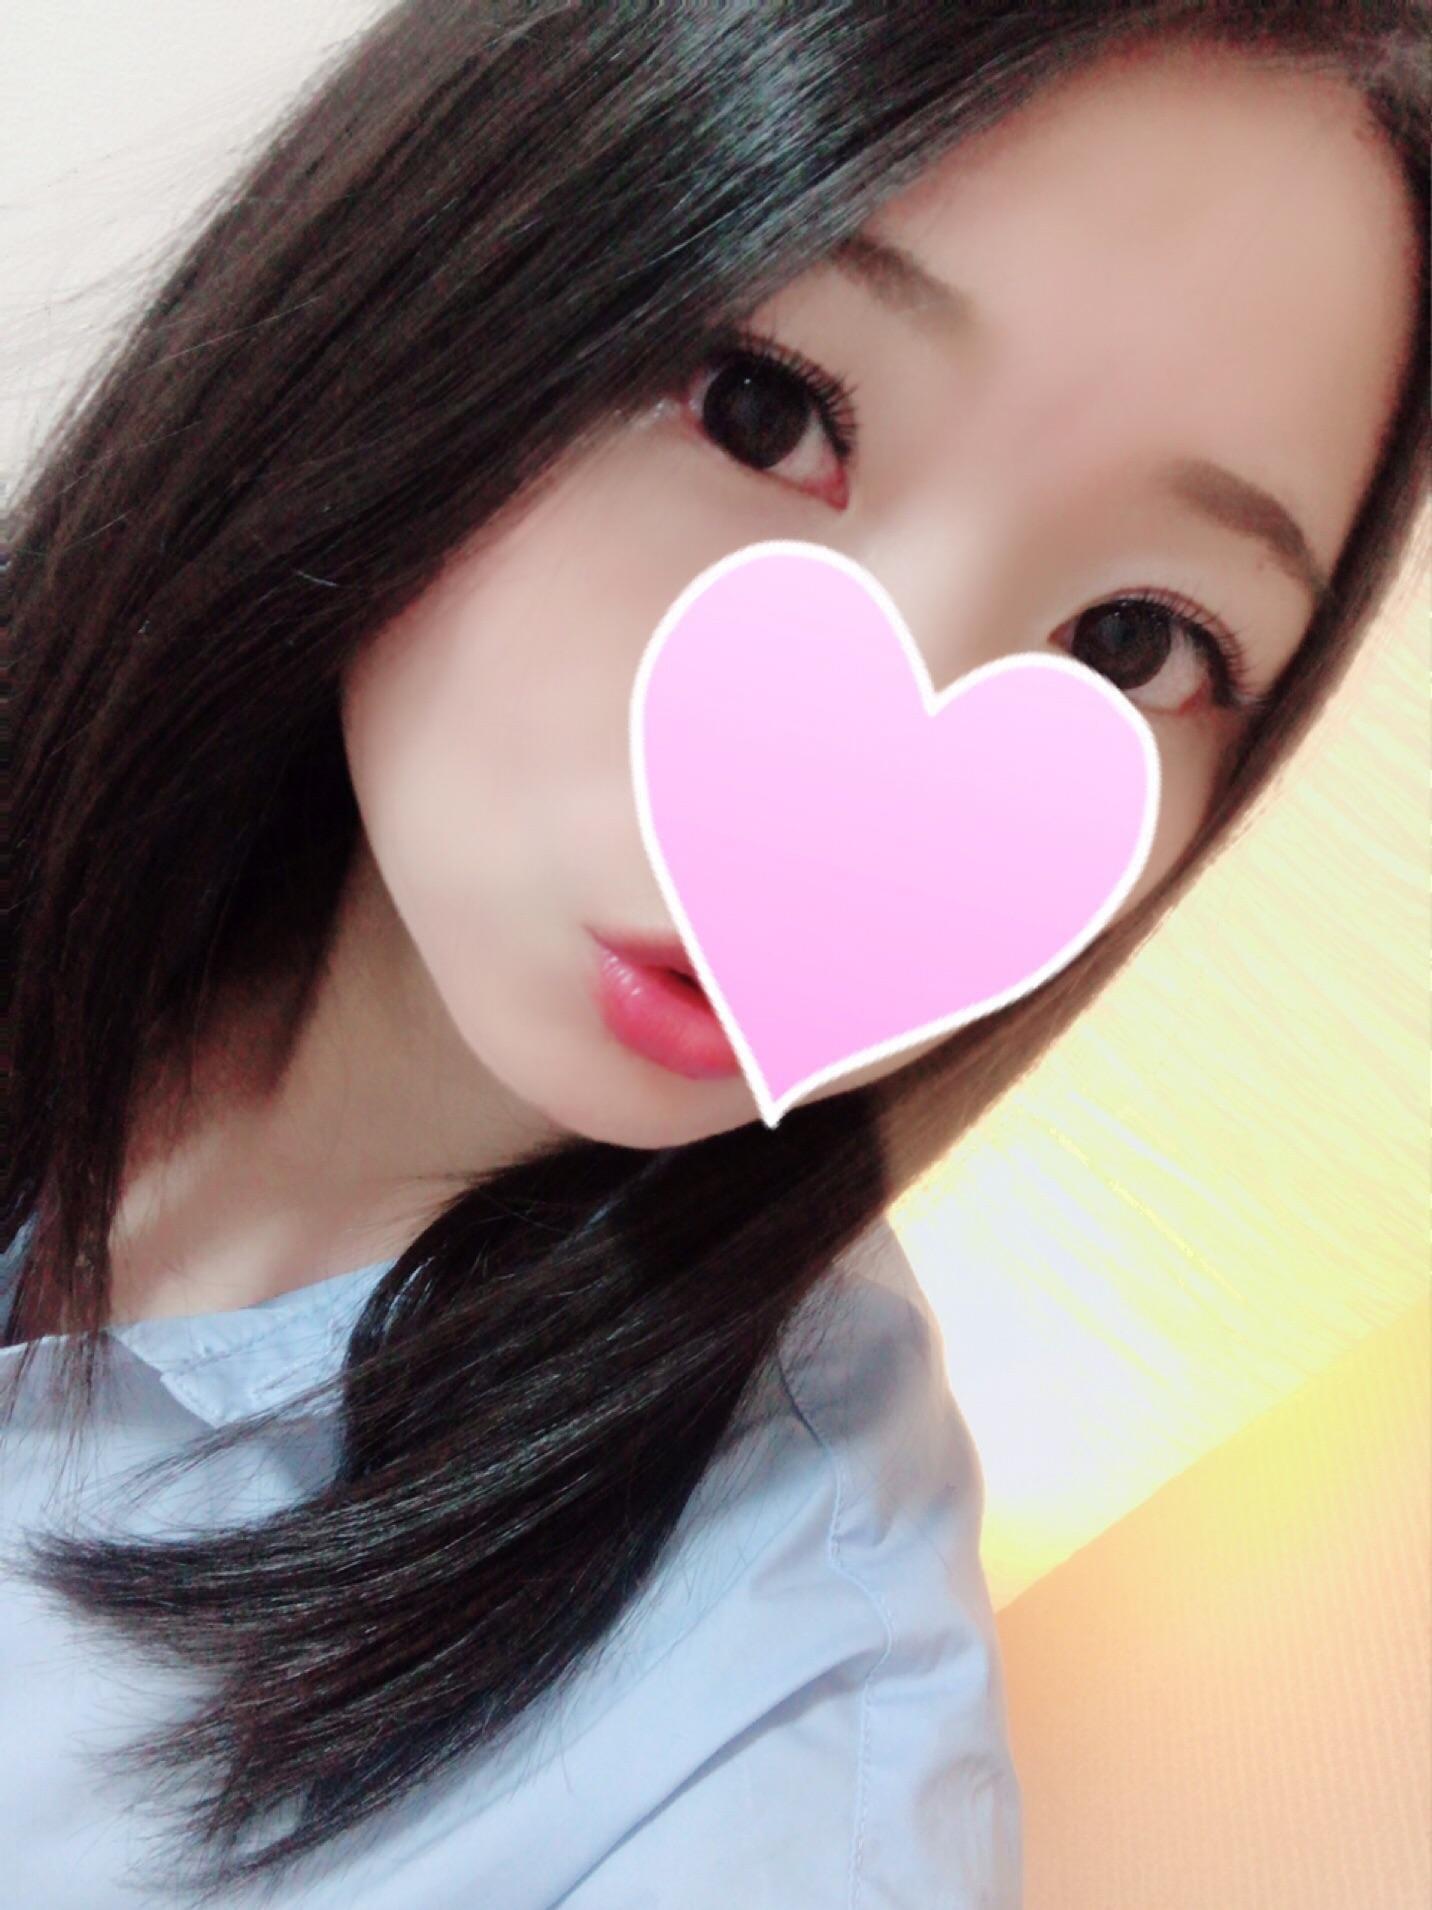 戸田 あいる「つづきまーす(*´▽`)??」03/27(金) 20:47 | 戸田 あいるの写メ・風俗動画